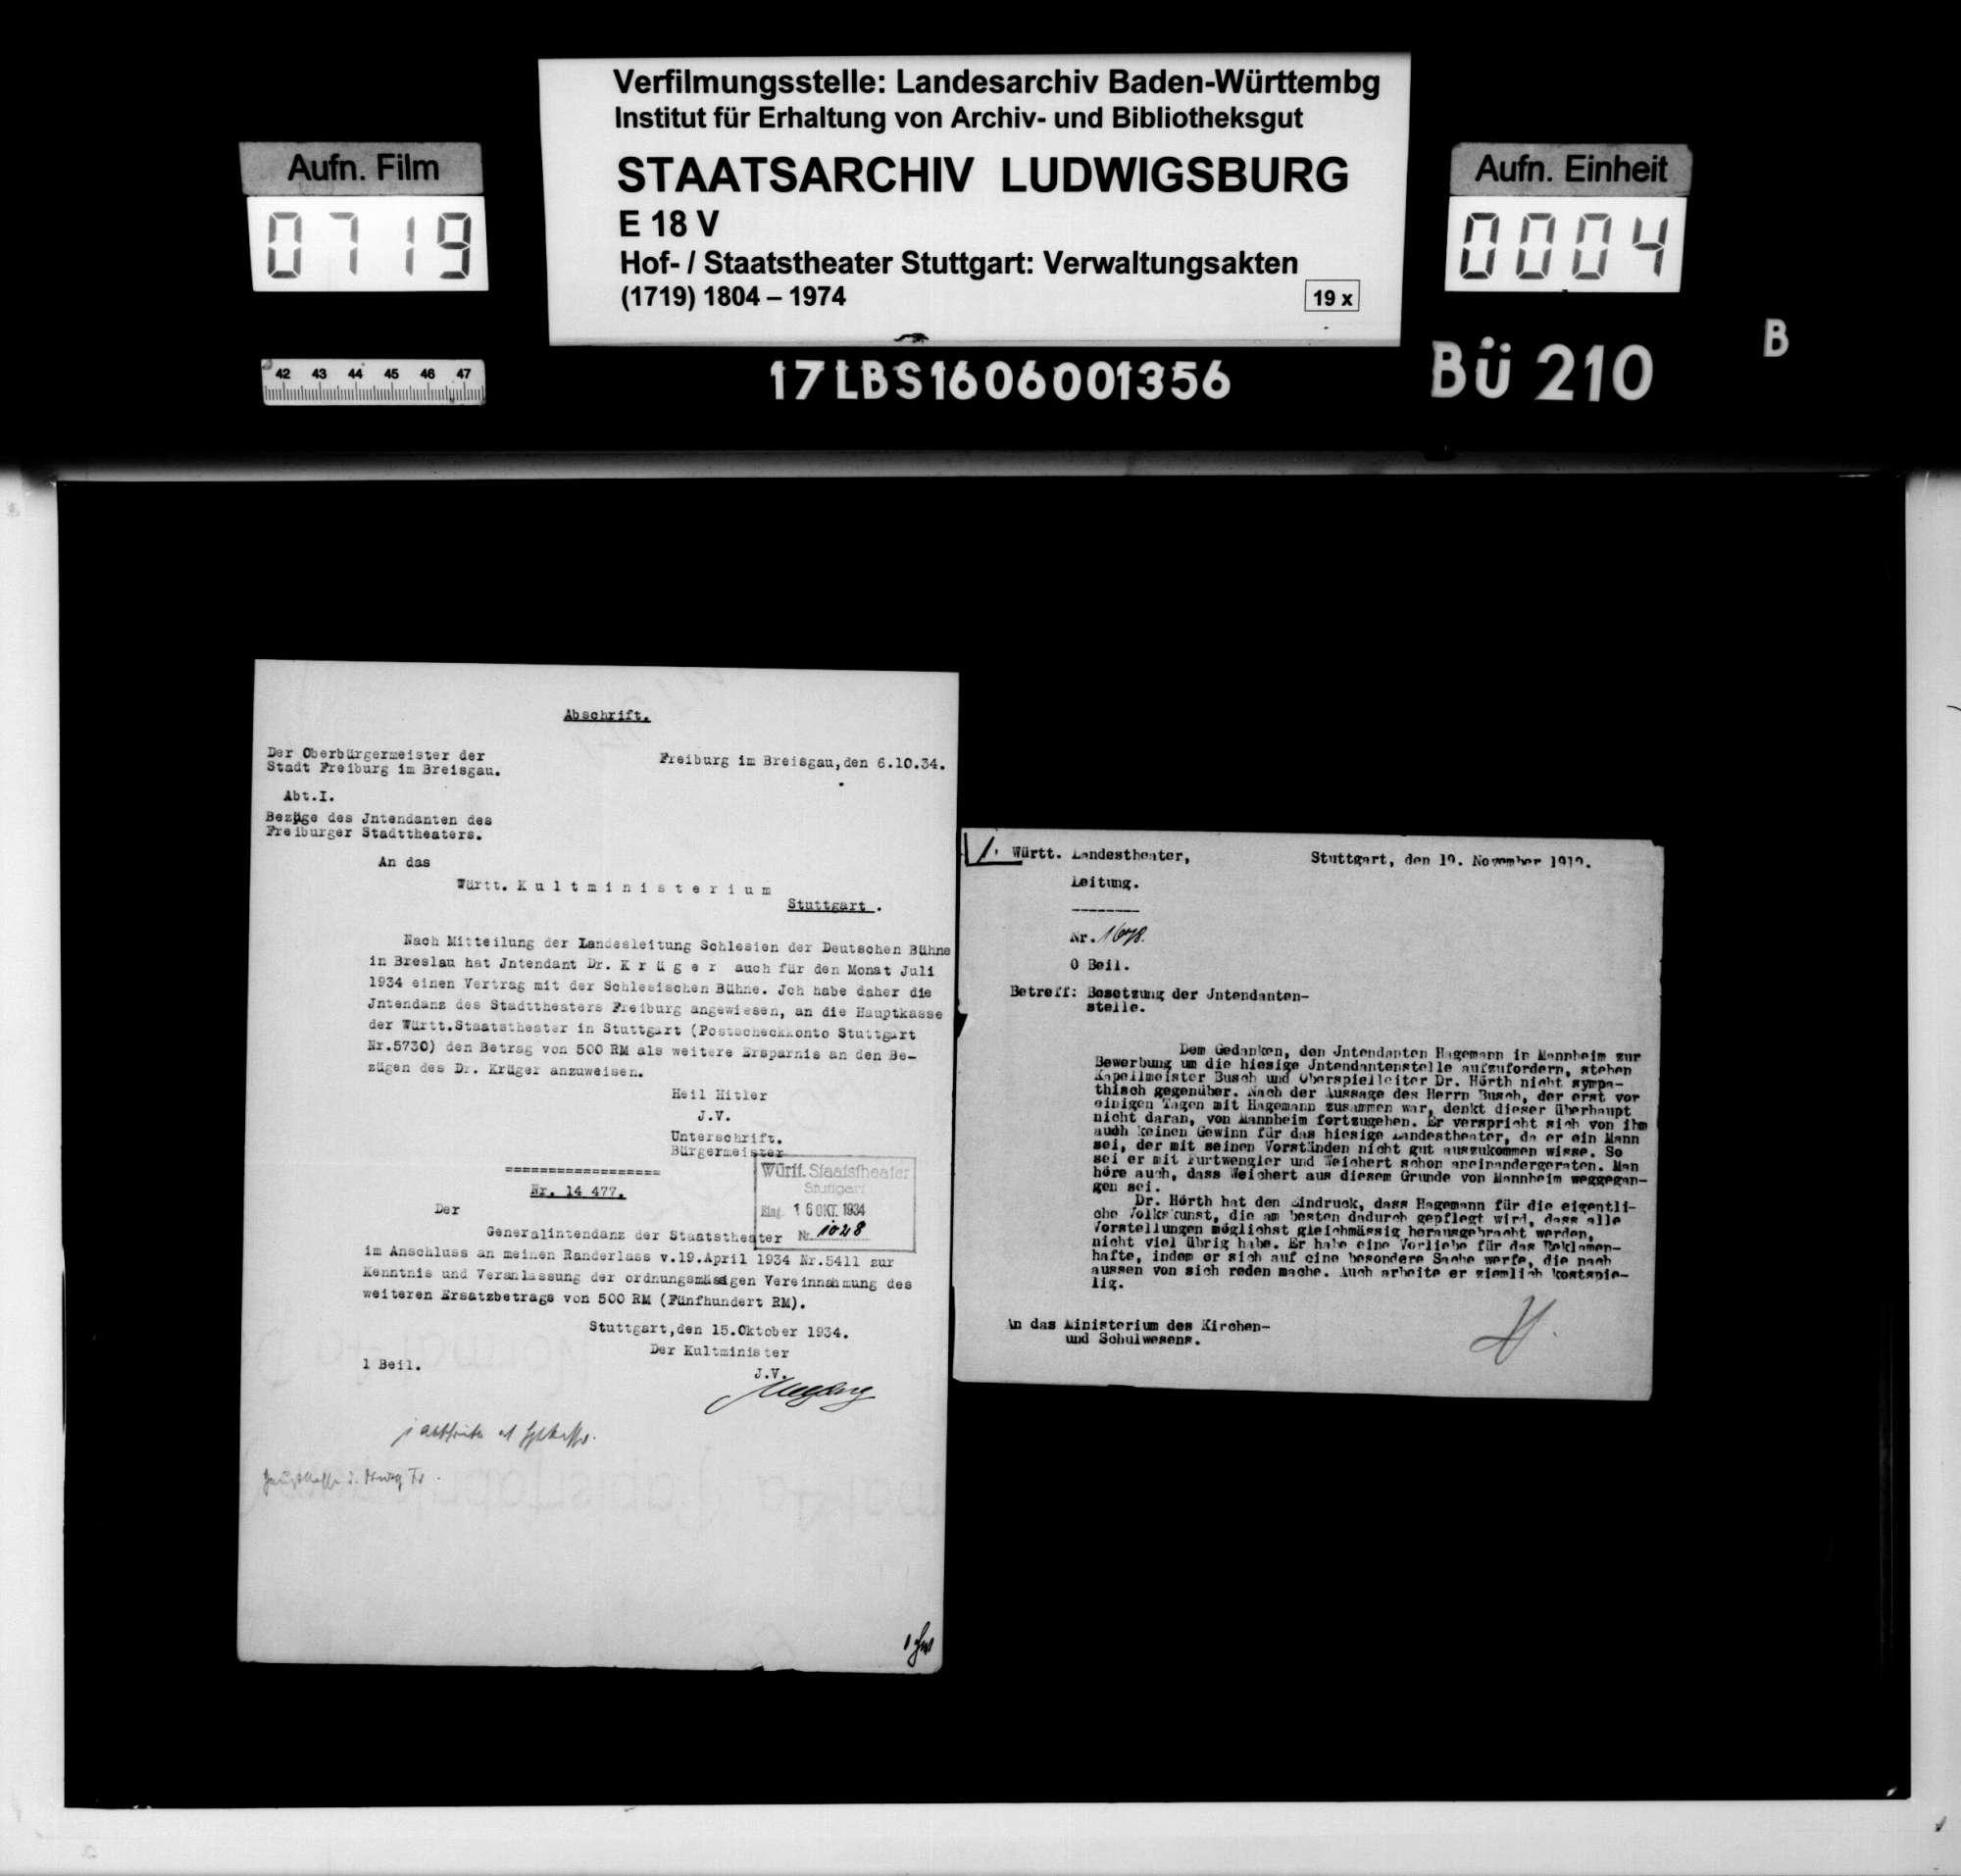 Beschäftigung von Albert Kehm als Generalintendant, Bild 2